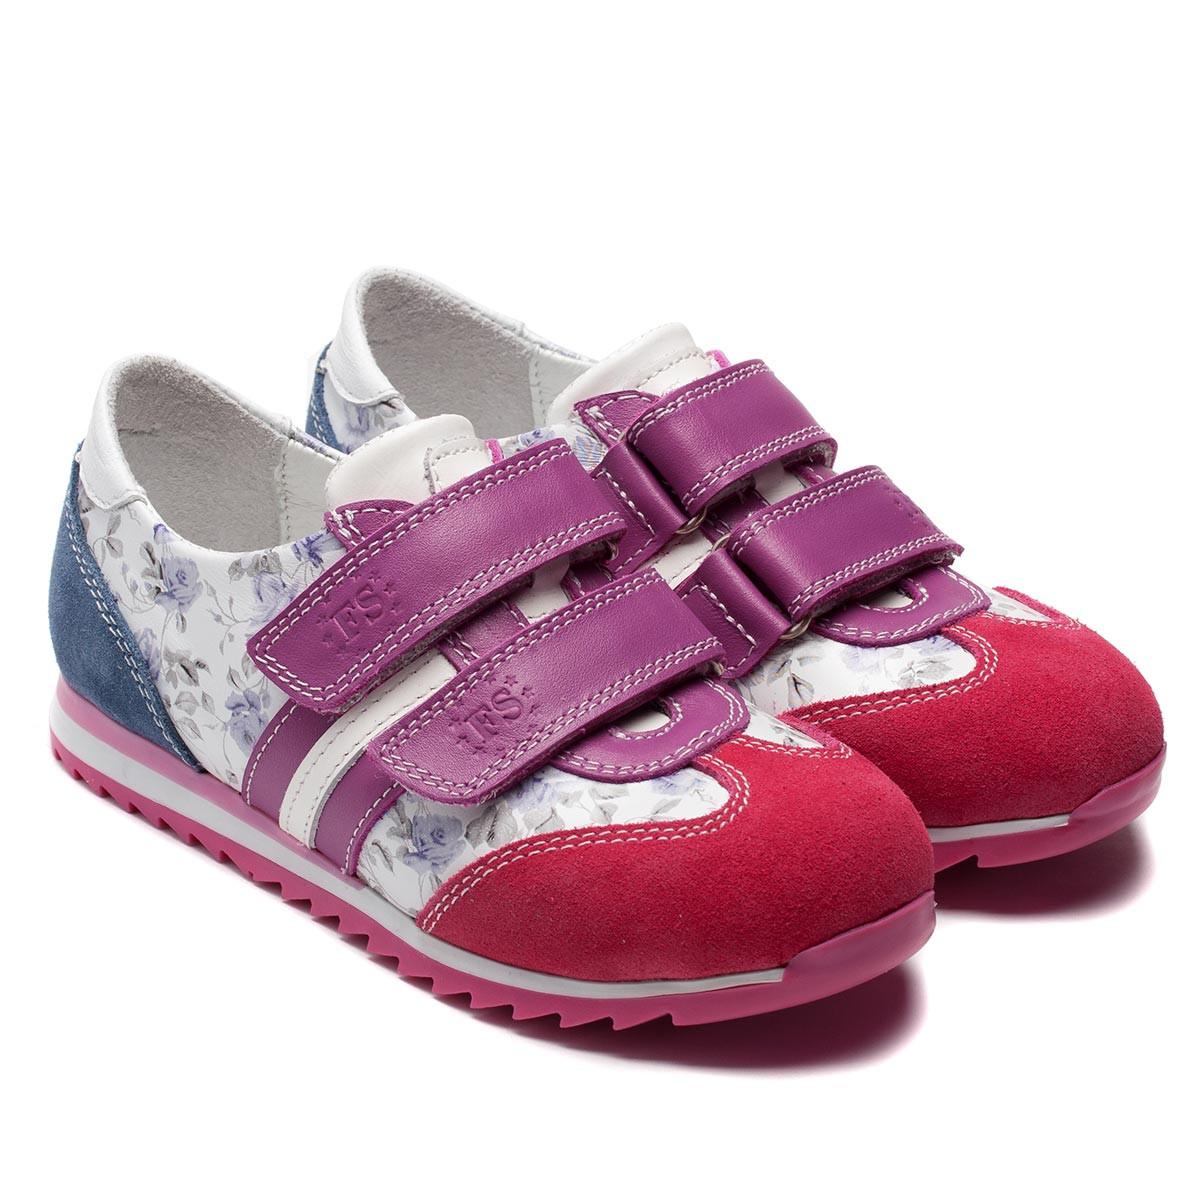 Ортопедические кроссовки FS Сollection для девочки, размер 20-30